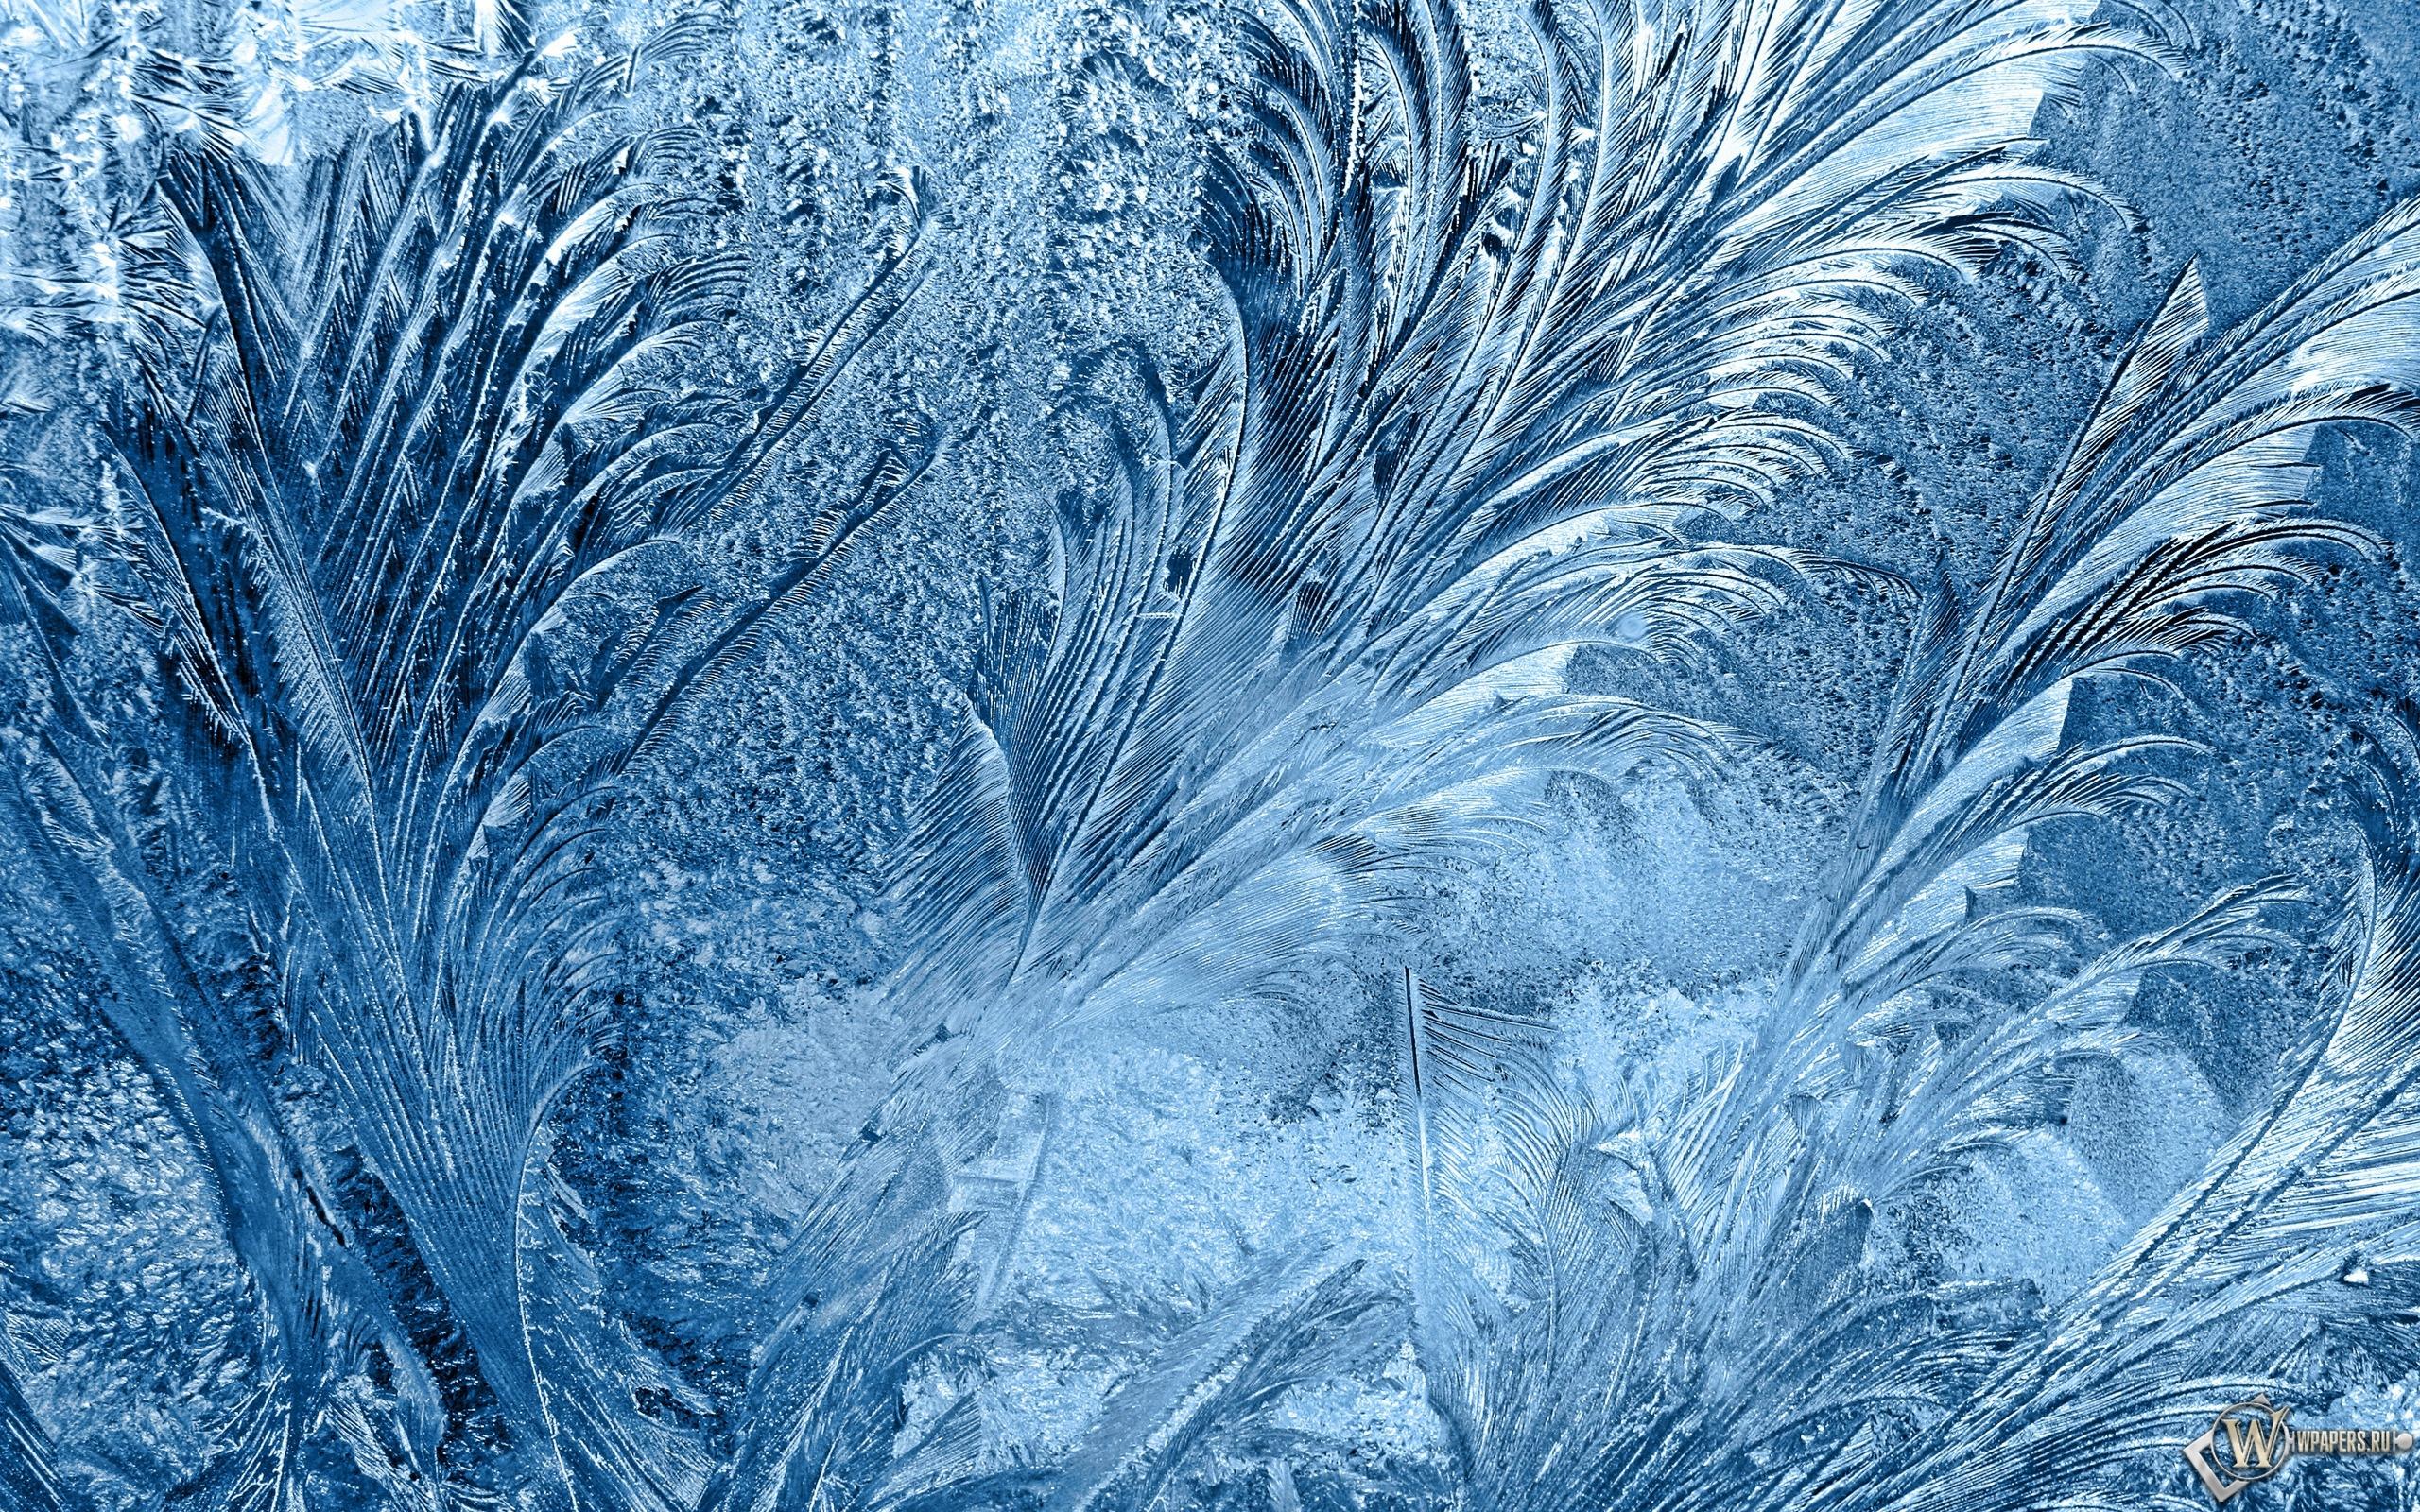 Морозные узоры на стекле 2560x1600